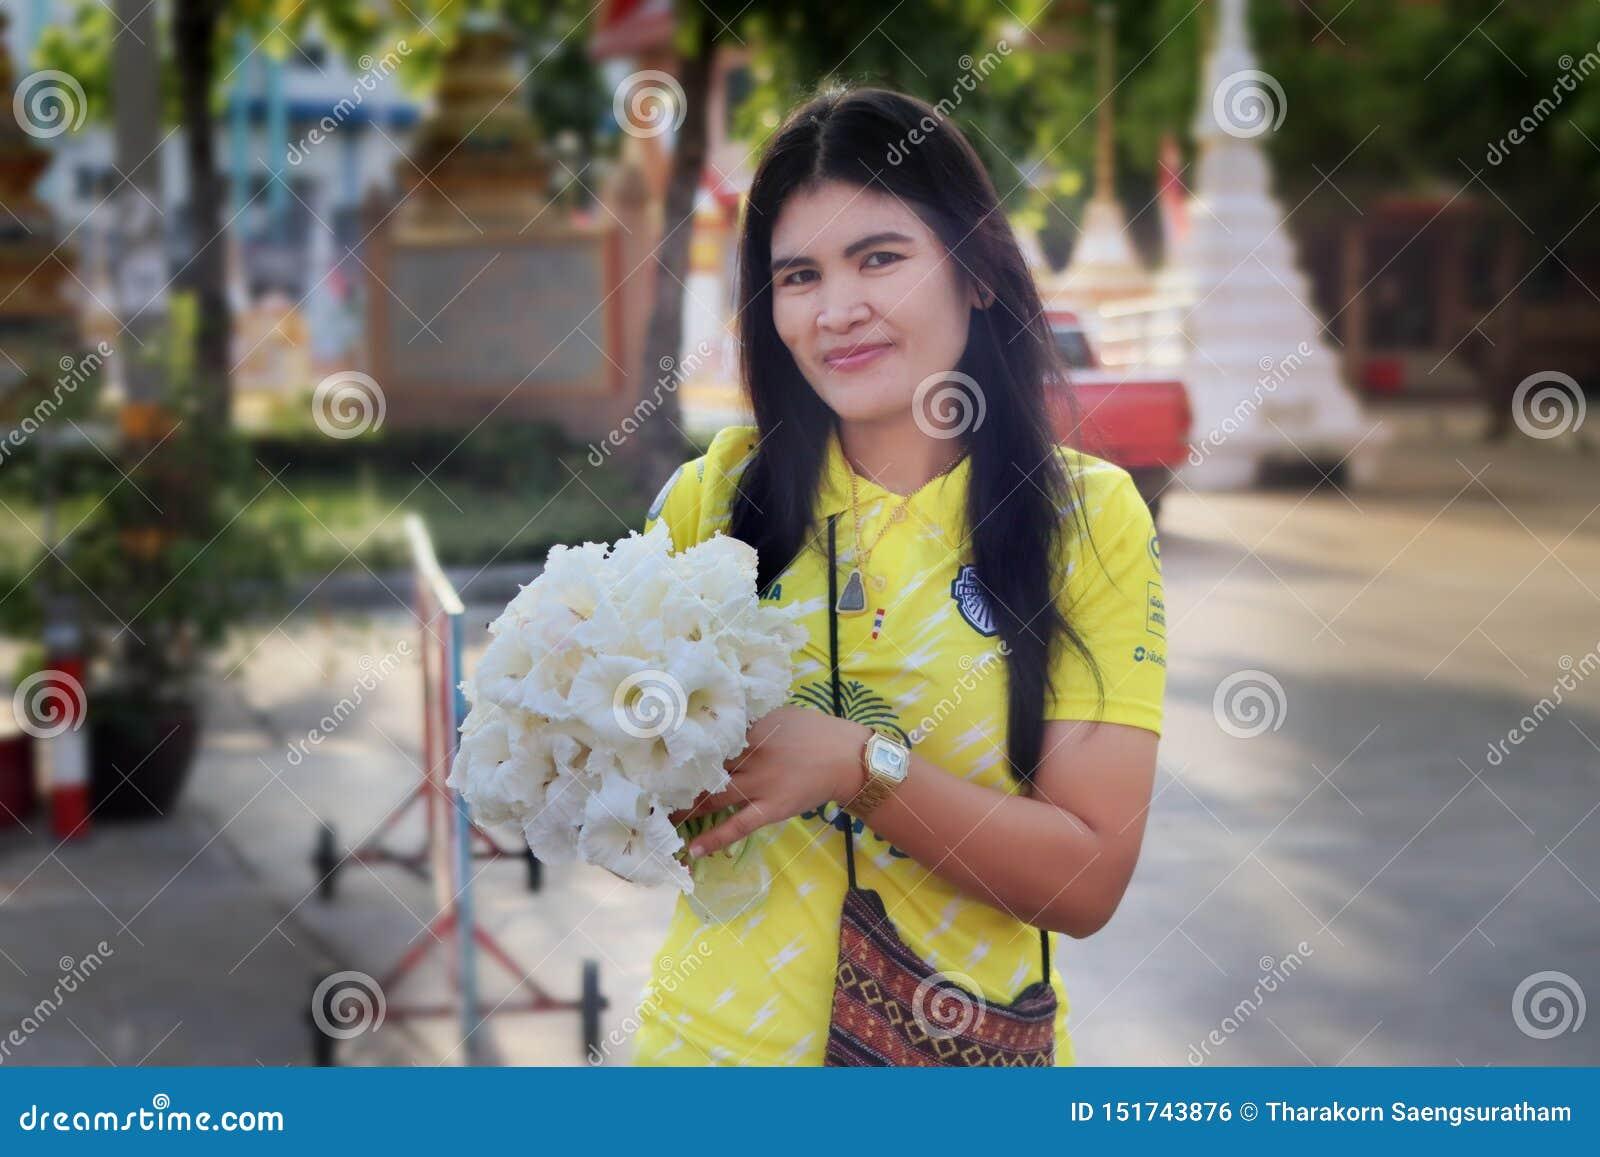 Mujer de la sonrisa mantener las flores comestibles para una comida comida la mañana en marzo 15,2016 en el parque público de Ban